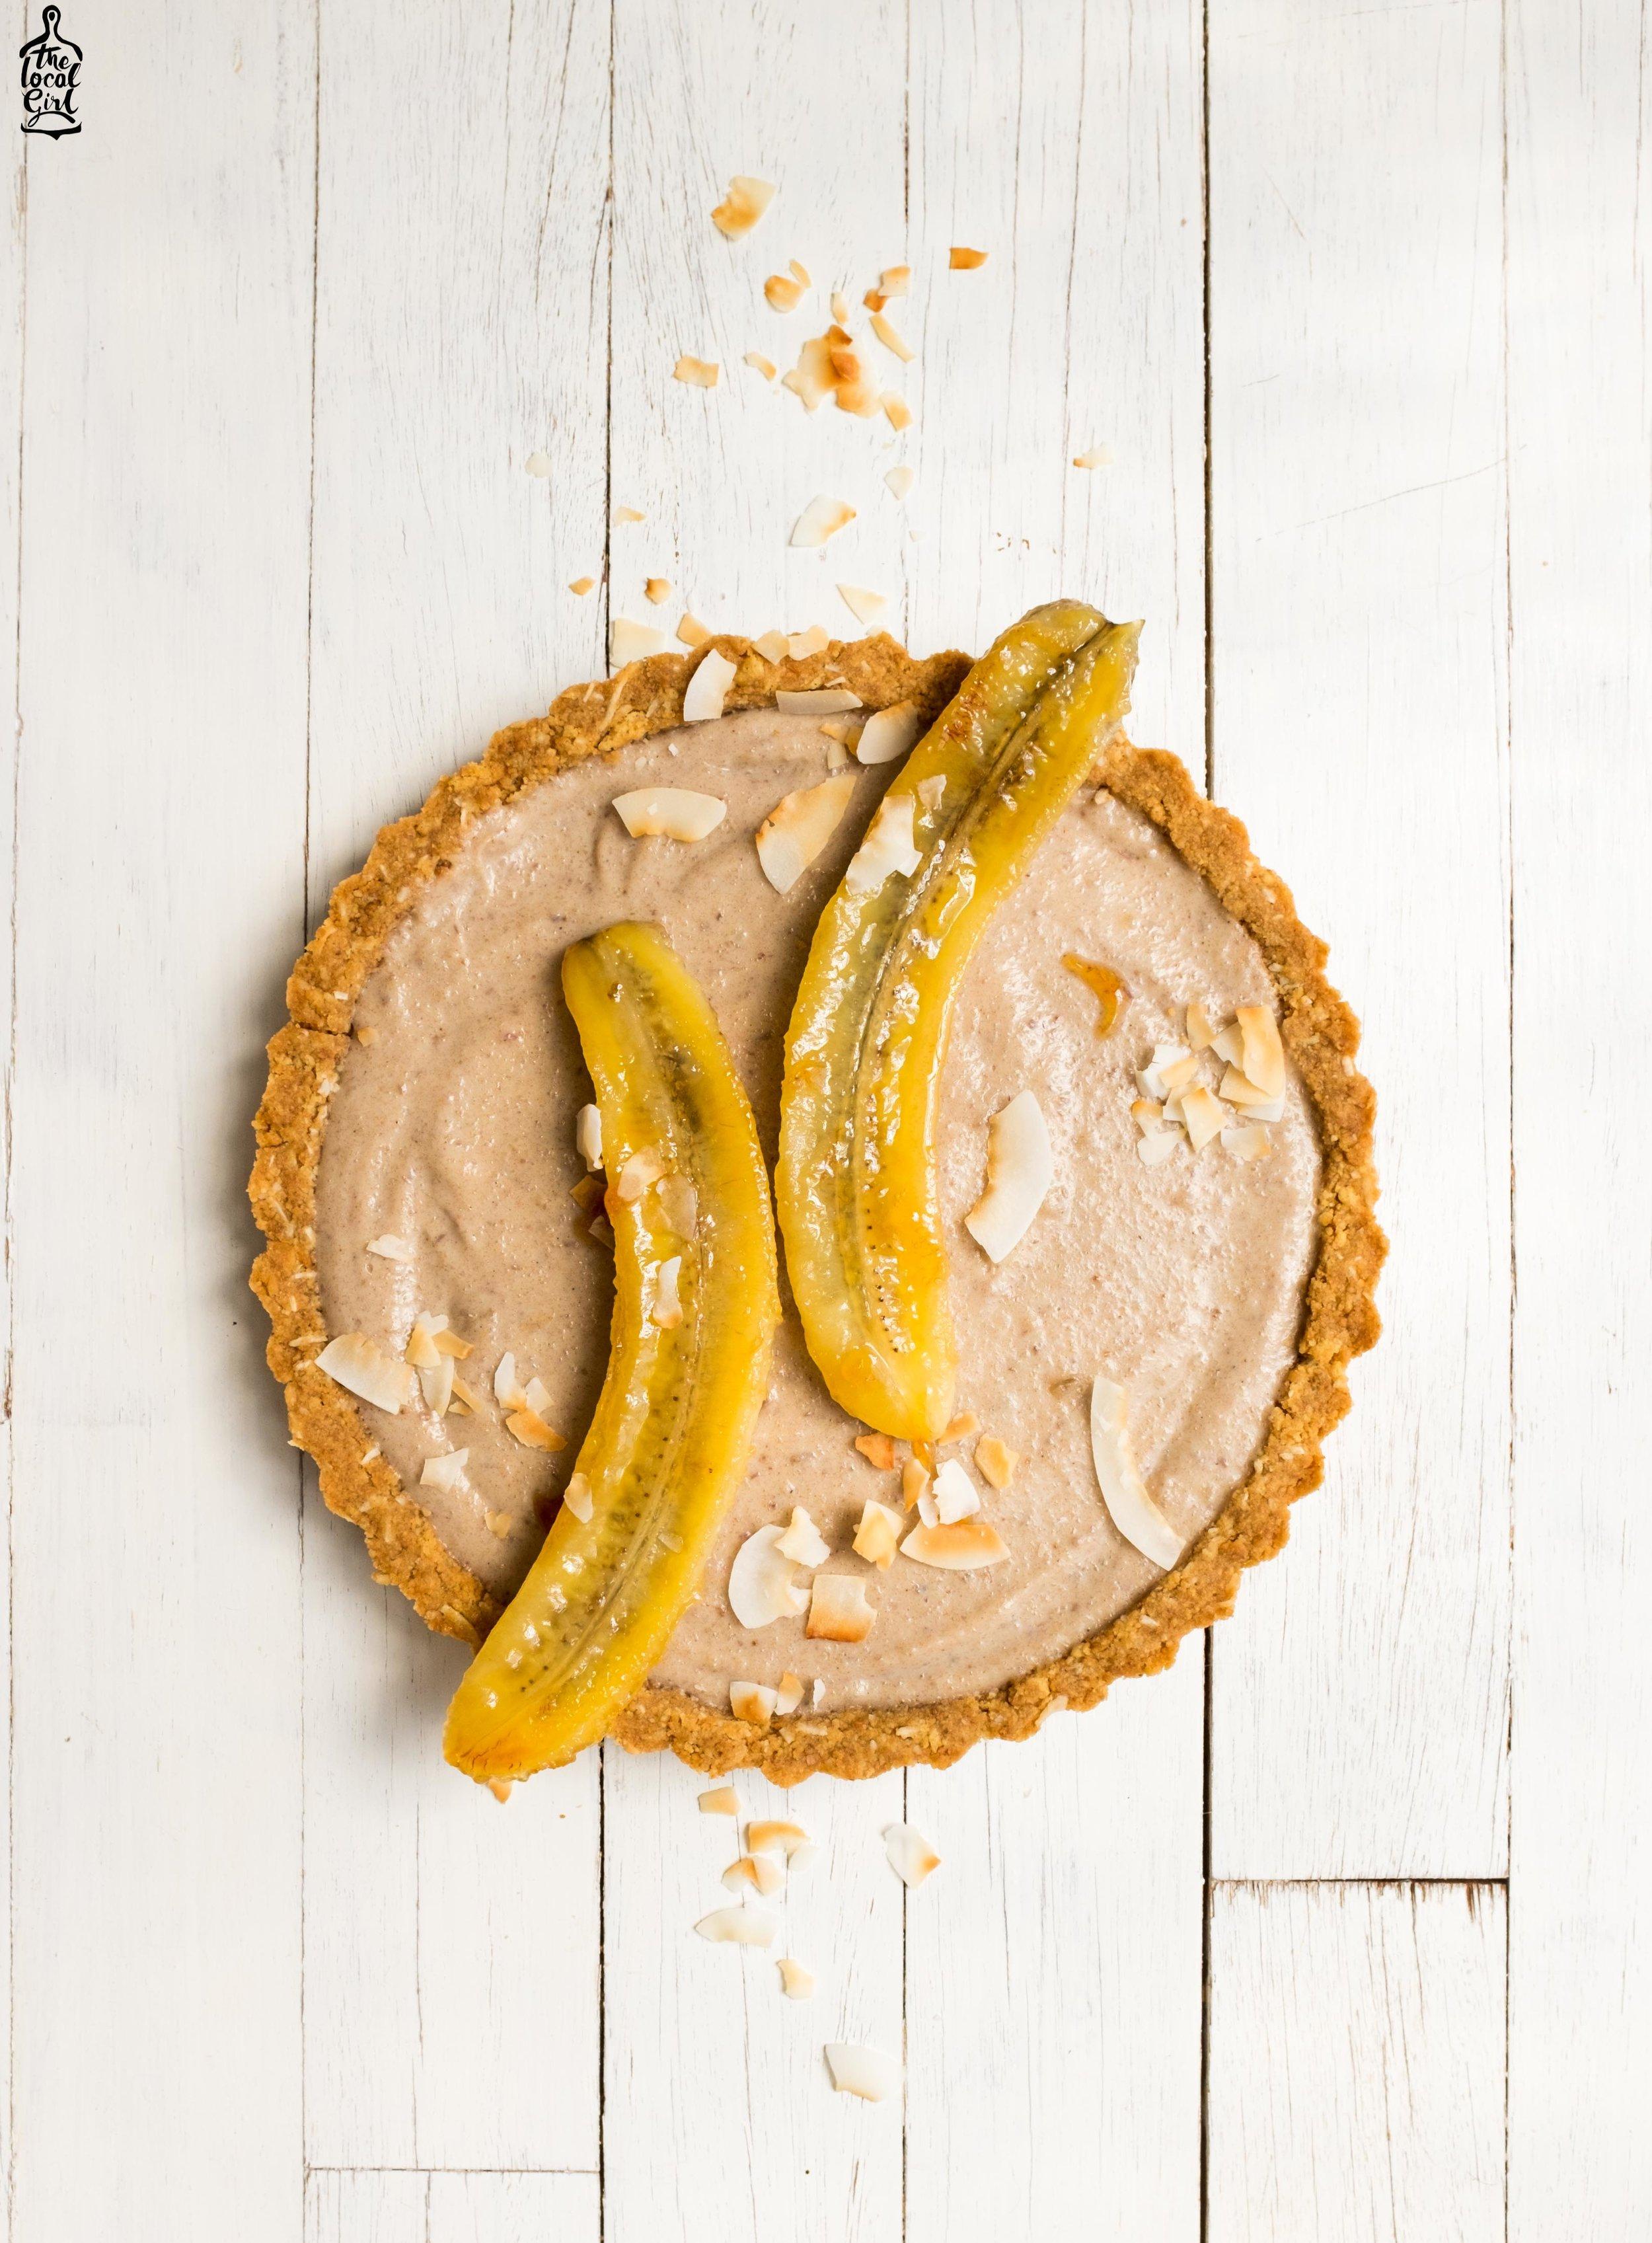 Vegan Banoffee Cheesecake-3.JPG